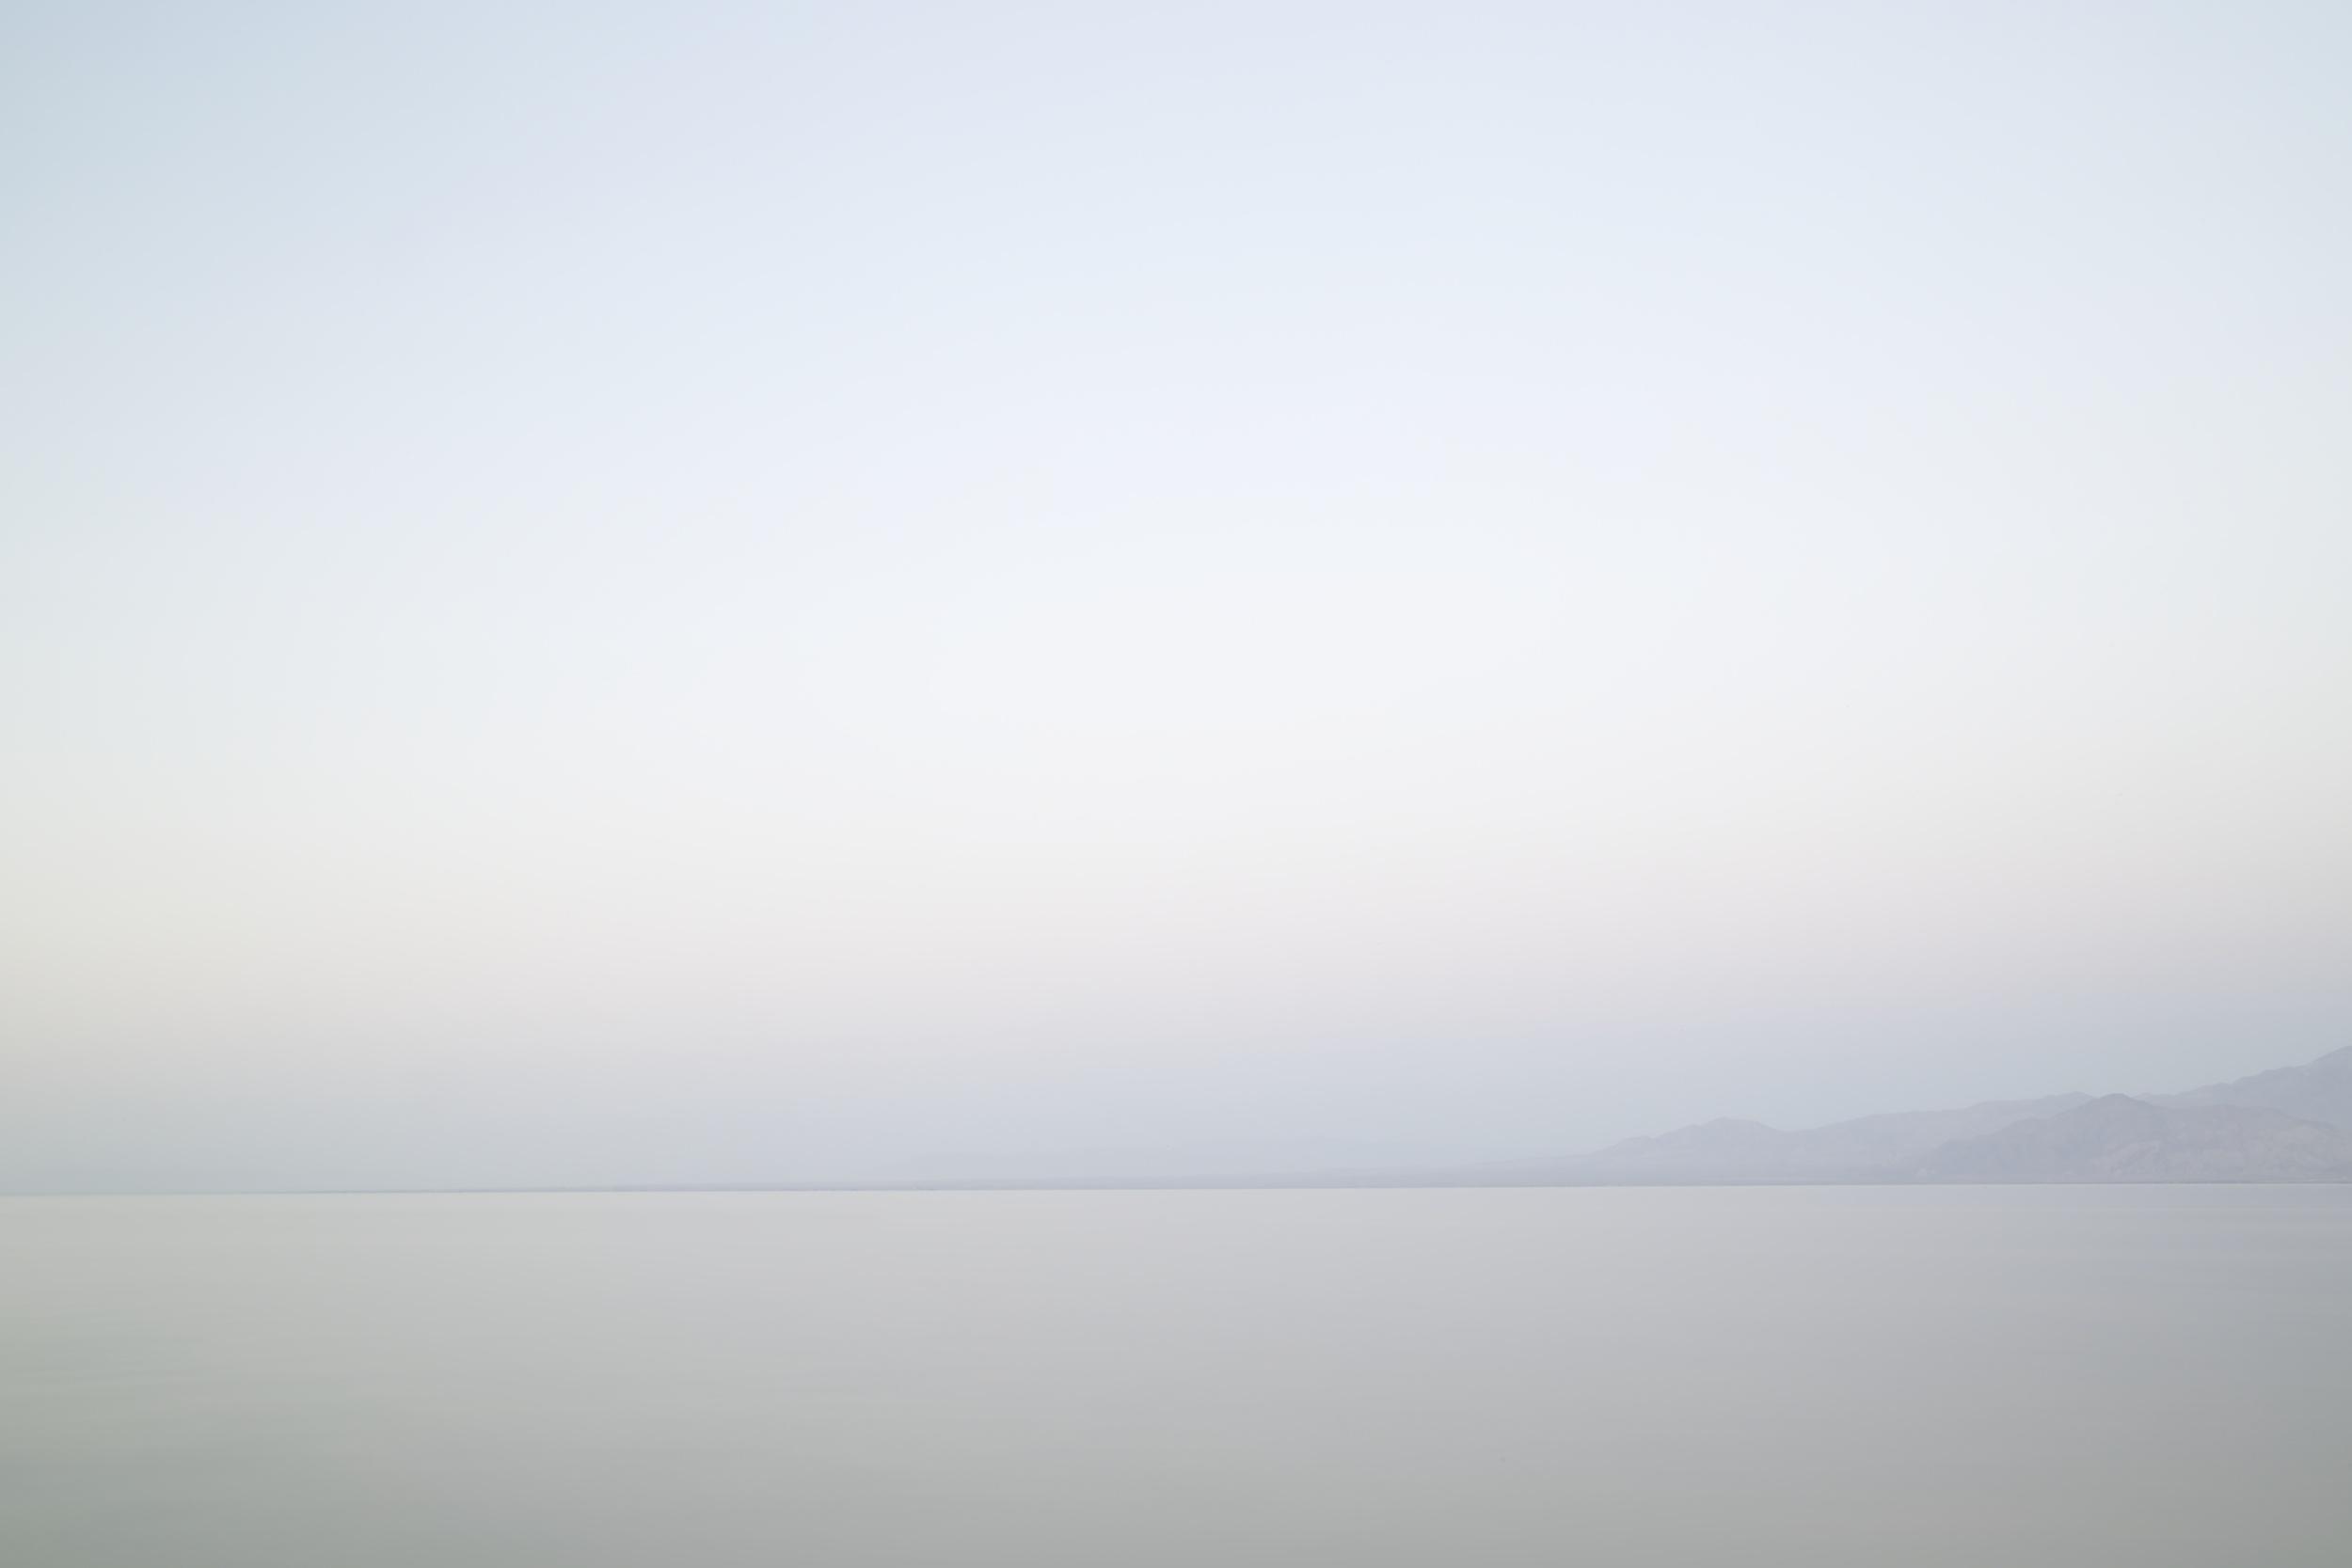 View No. 1, Salton Sea, California,  2014